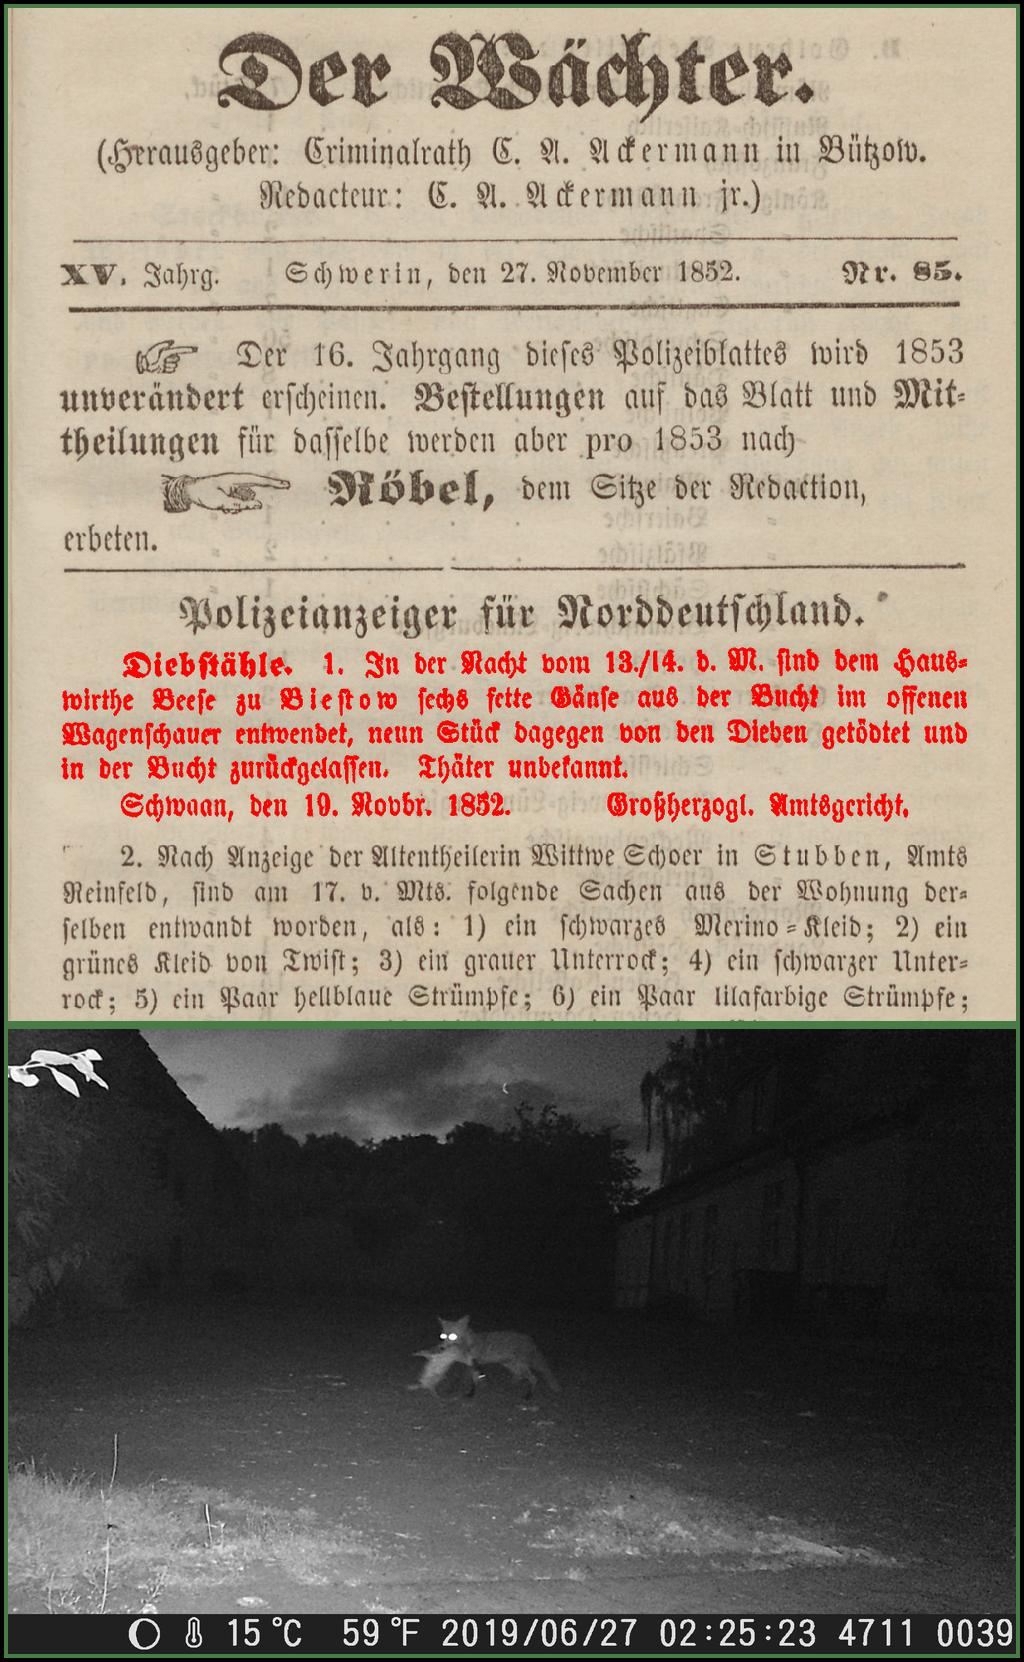 1852_Der_Wächter_klein